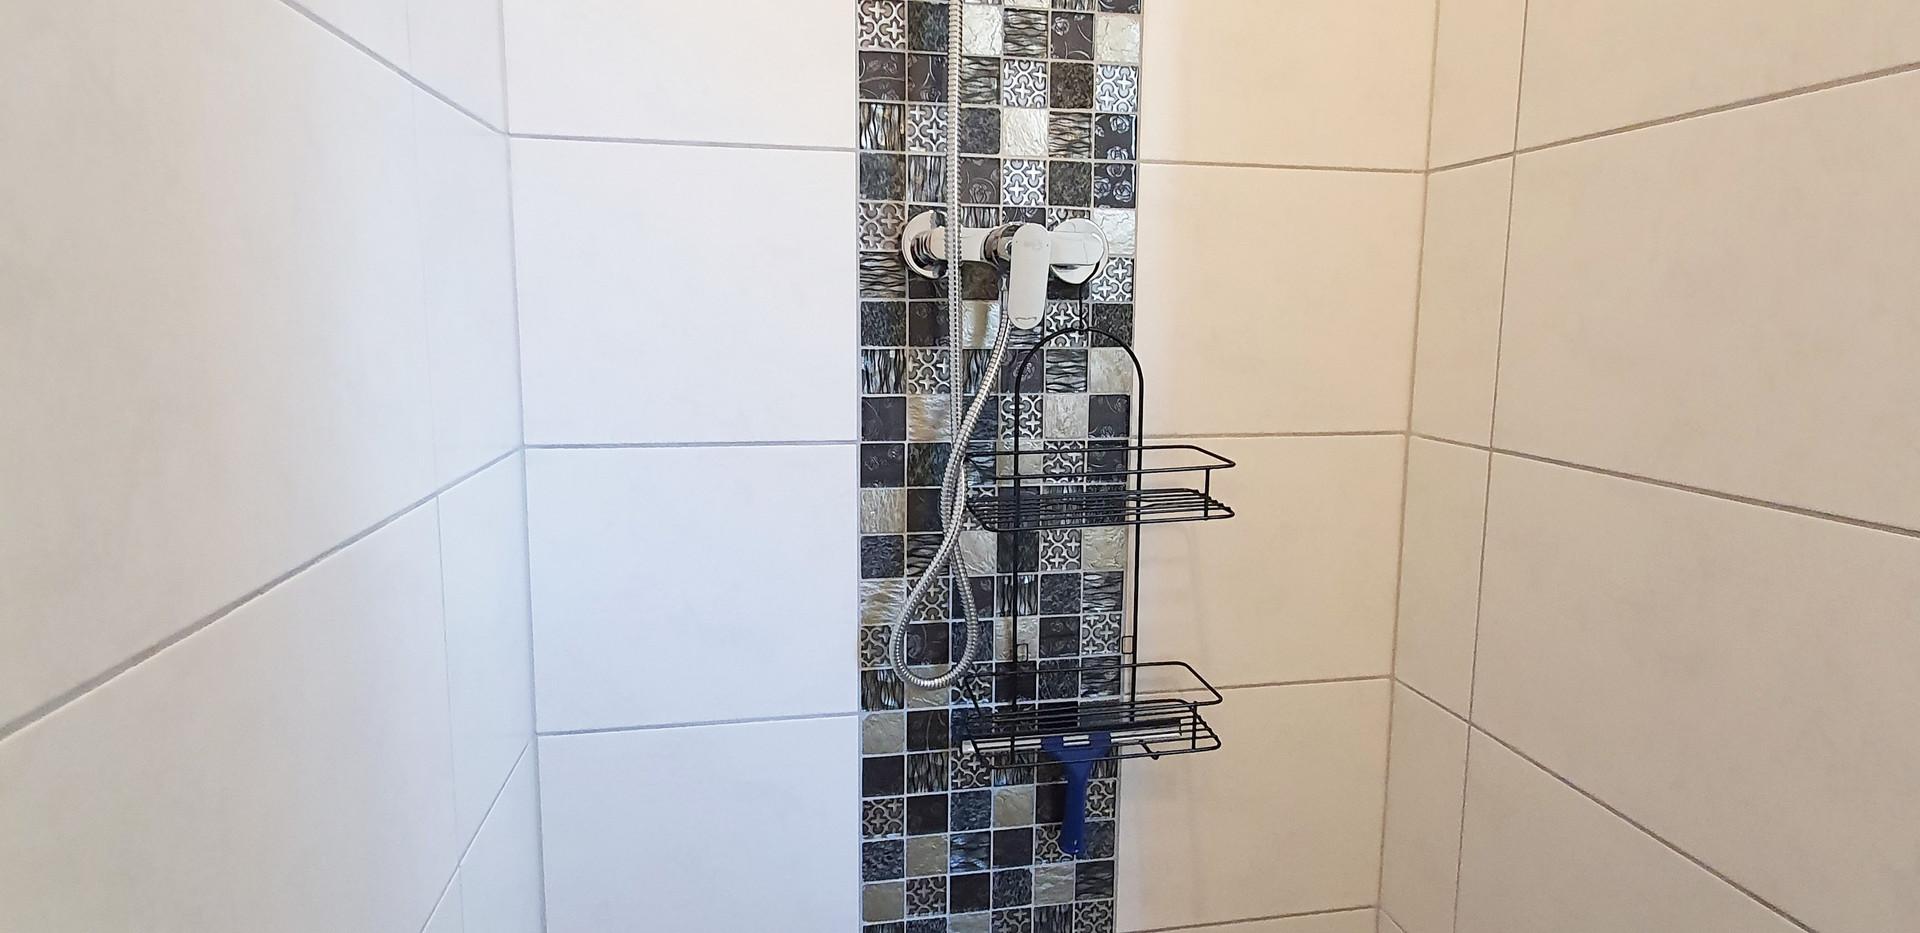 Ferienhaus Stromer - Walk-In-Dusche EG.j